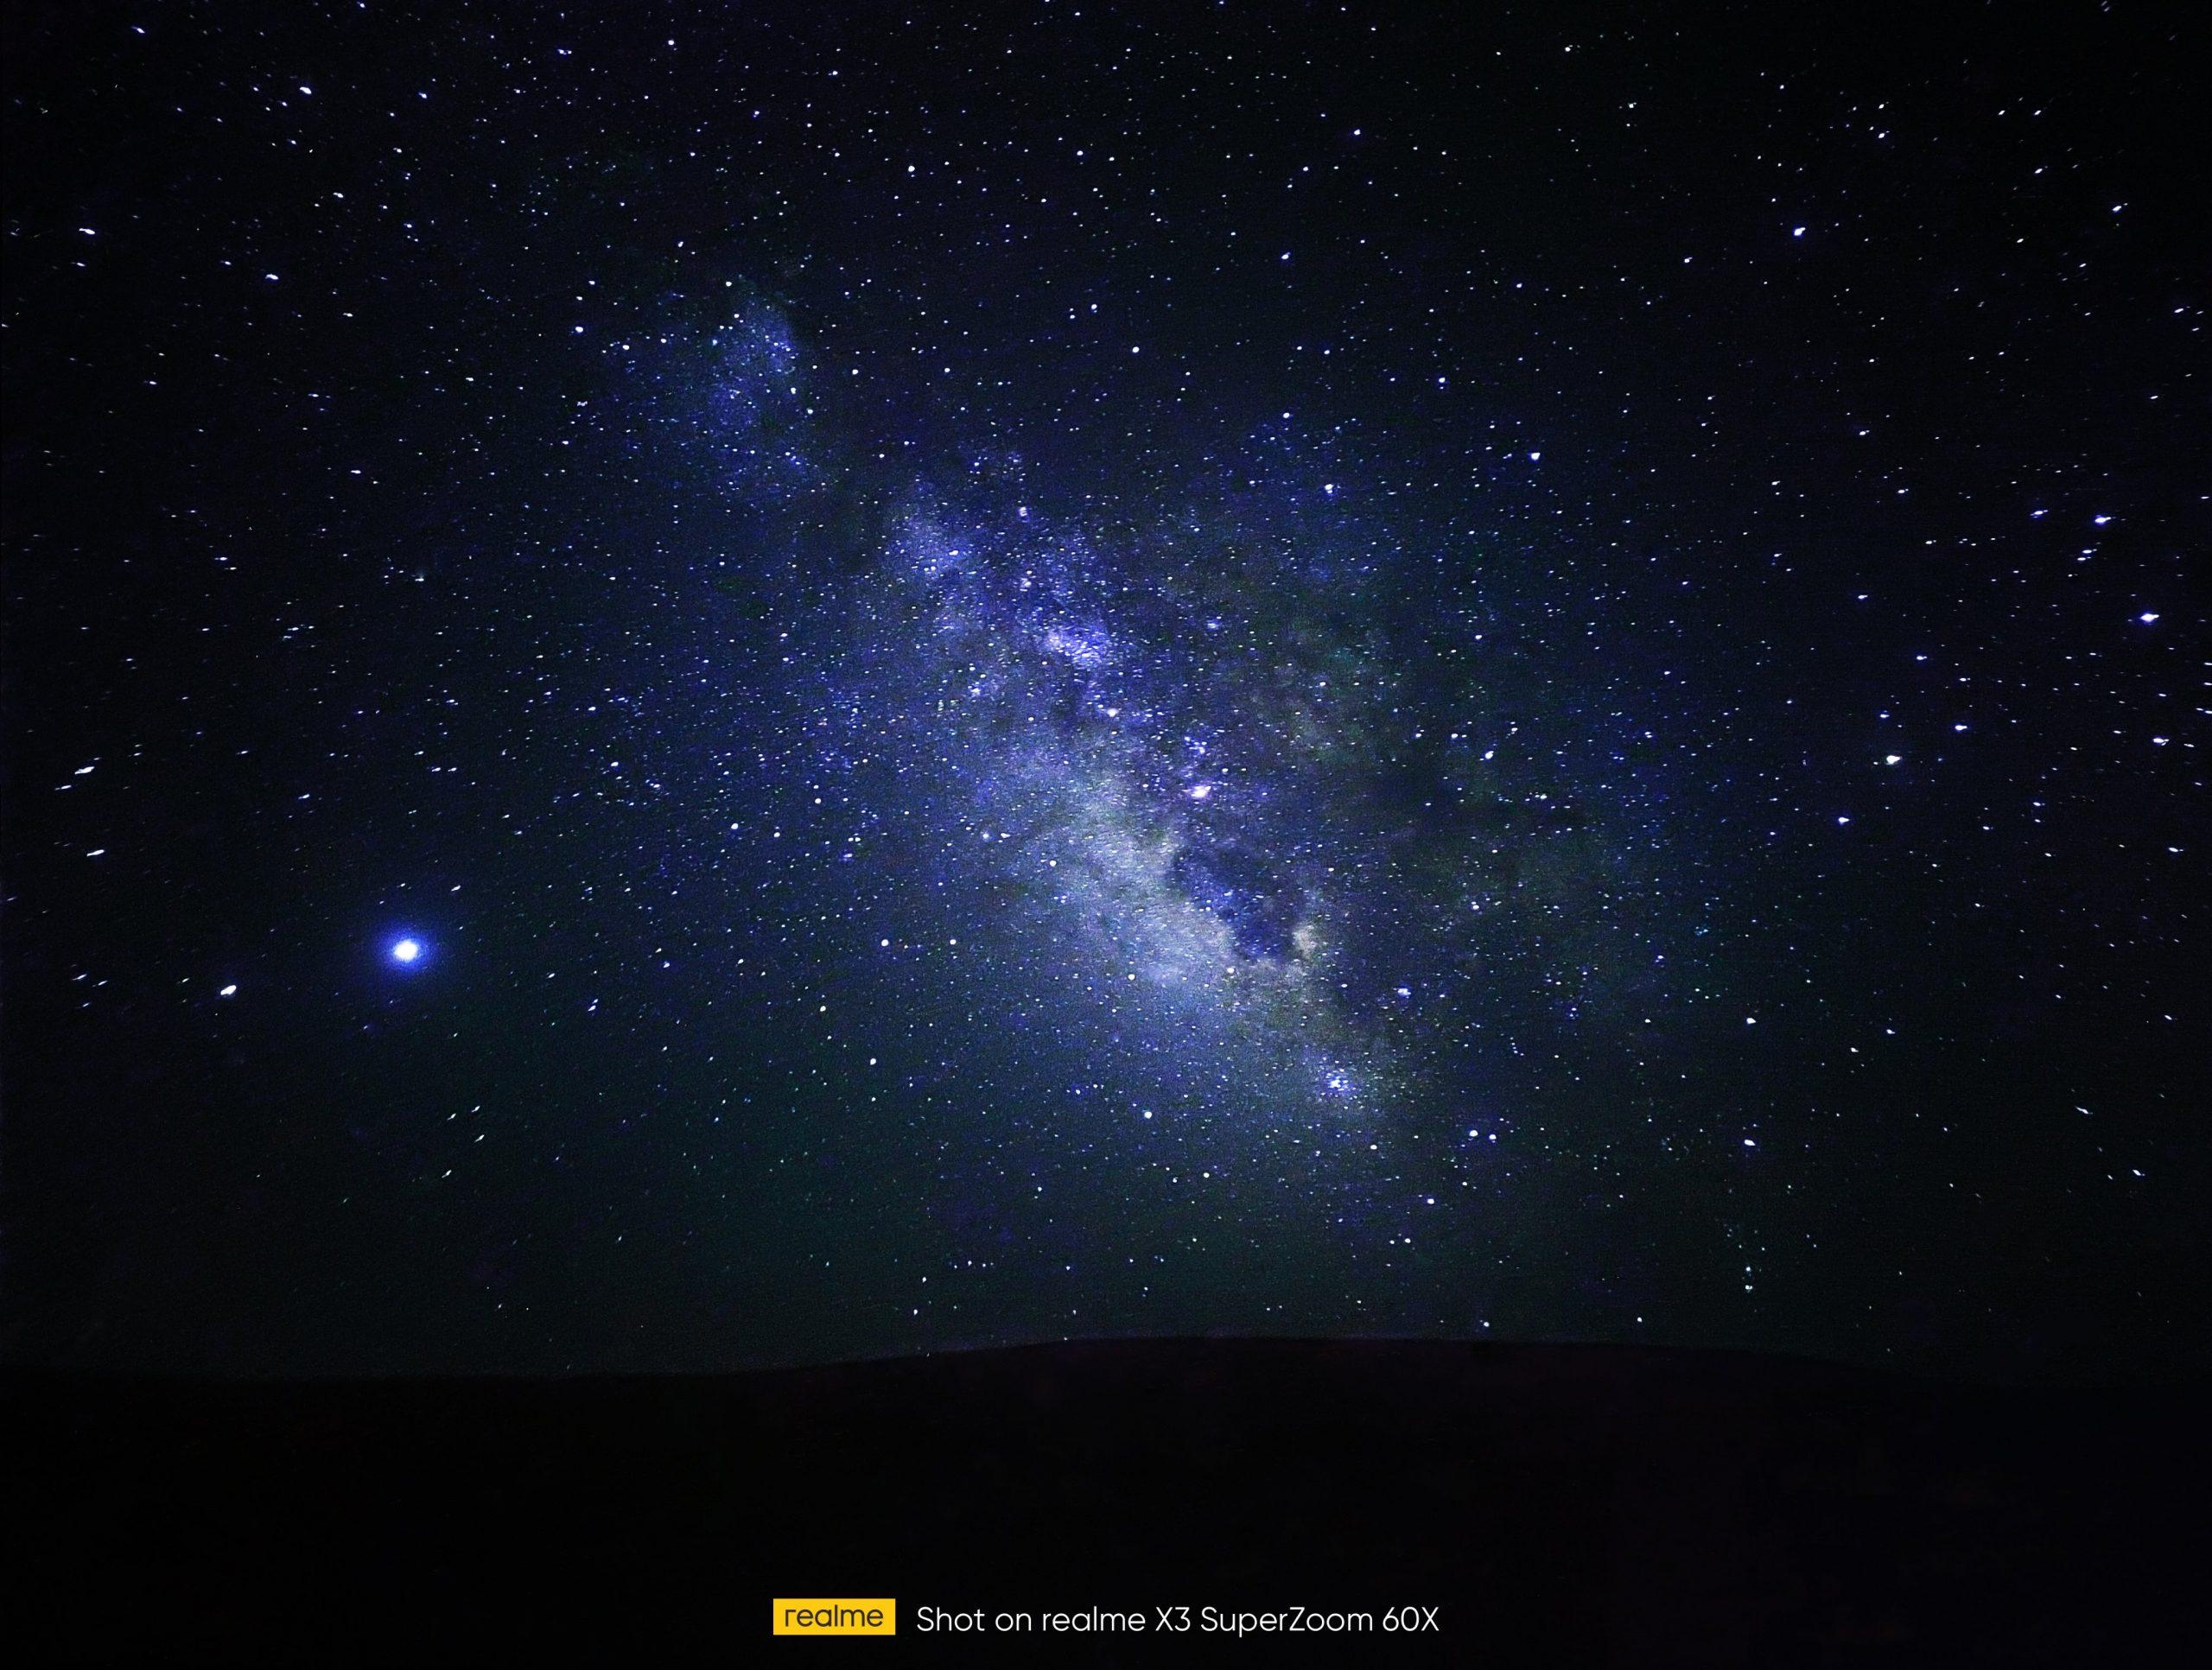 Kamera na Realme X3 SuperZoom će imati zumiranje od 60 puta - fotografija Mliječnog puta